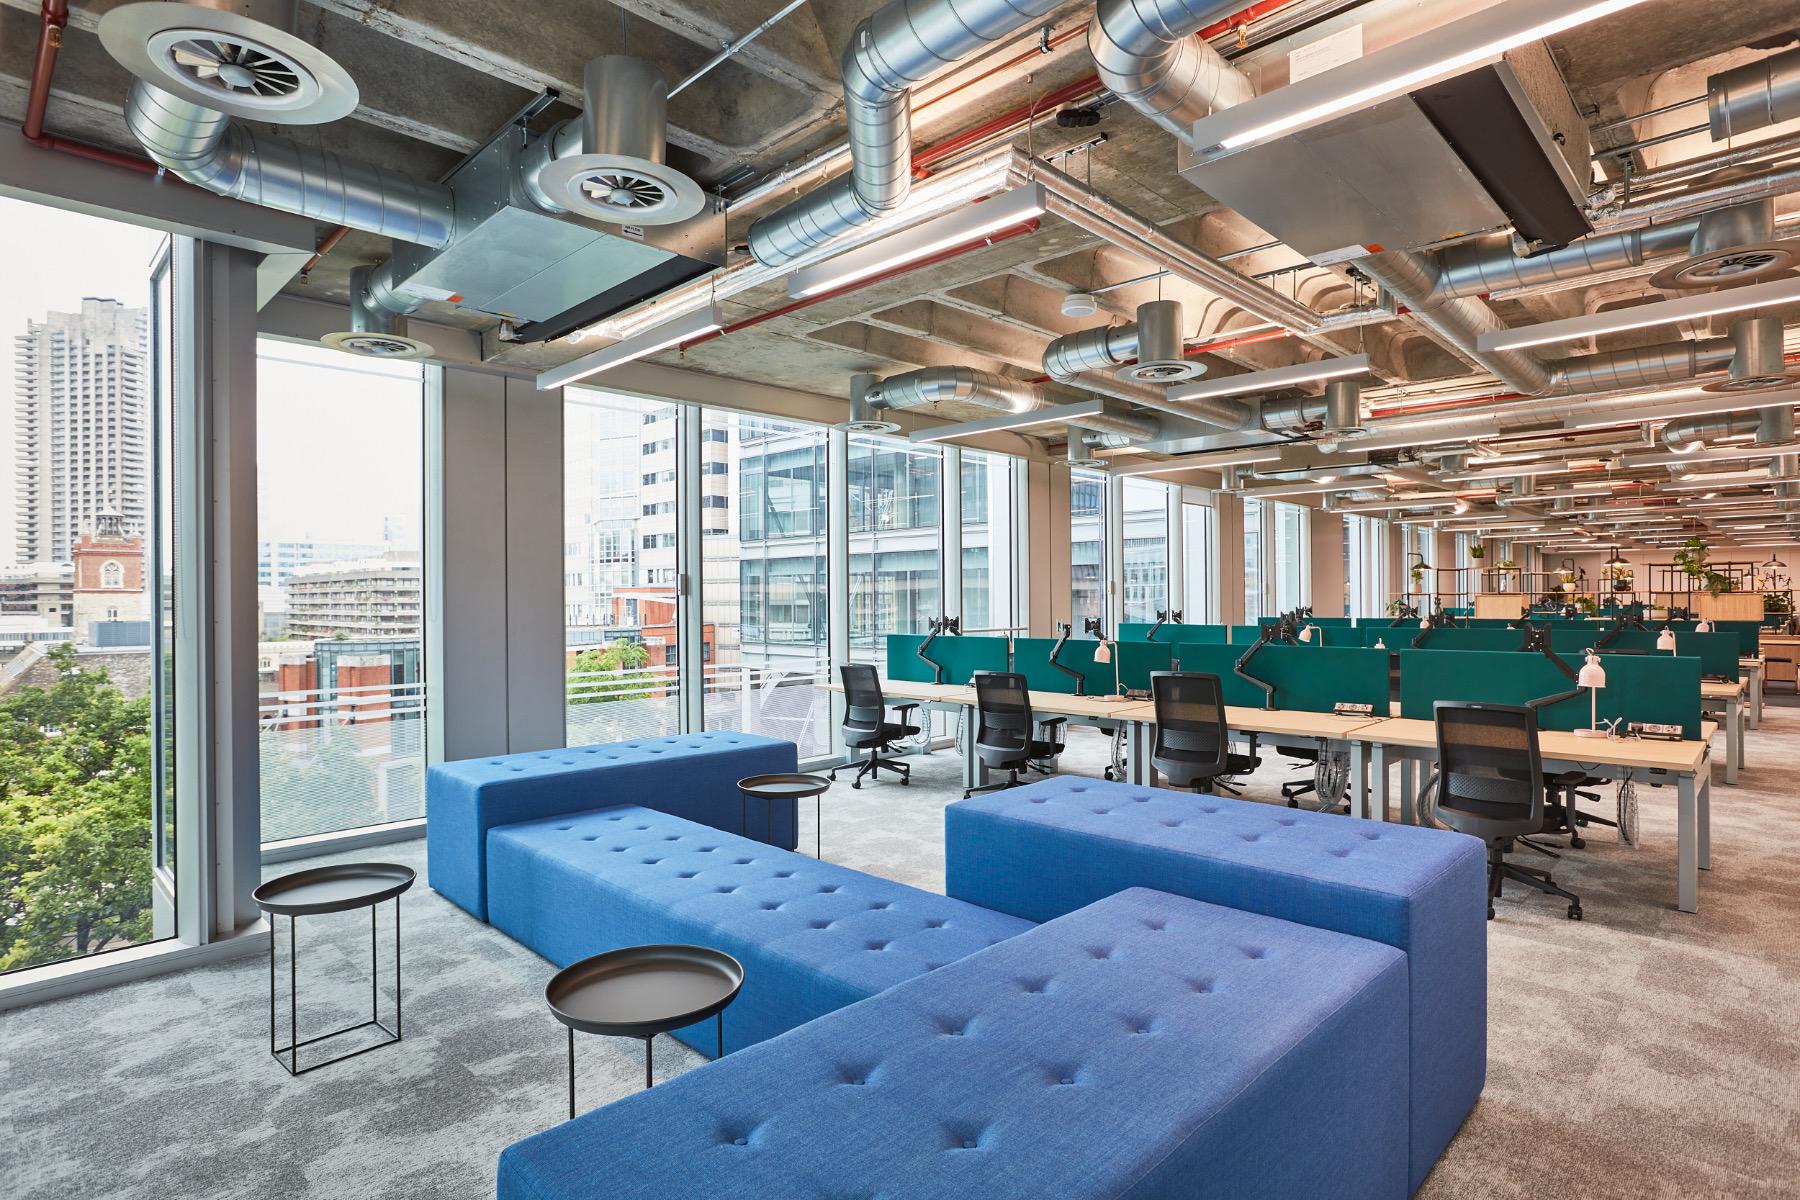 A Look Inside LDN:W's New London Office